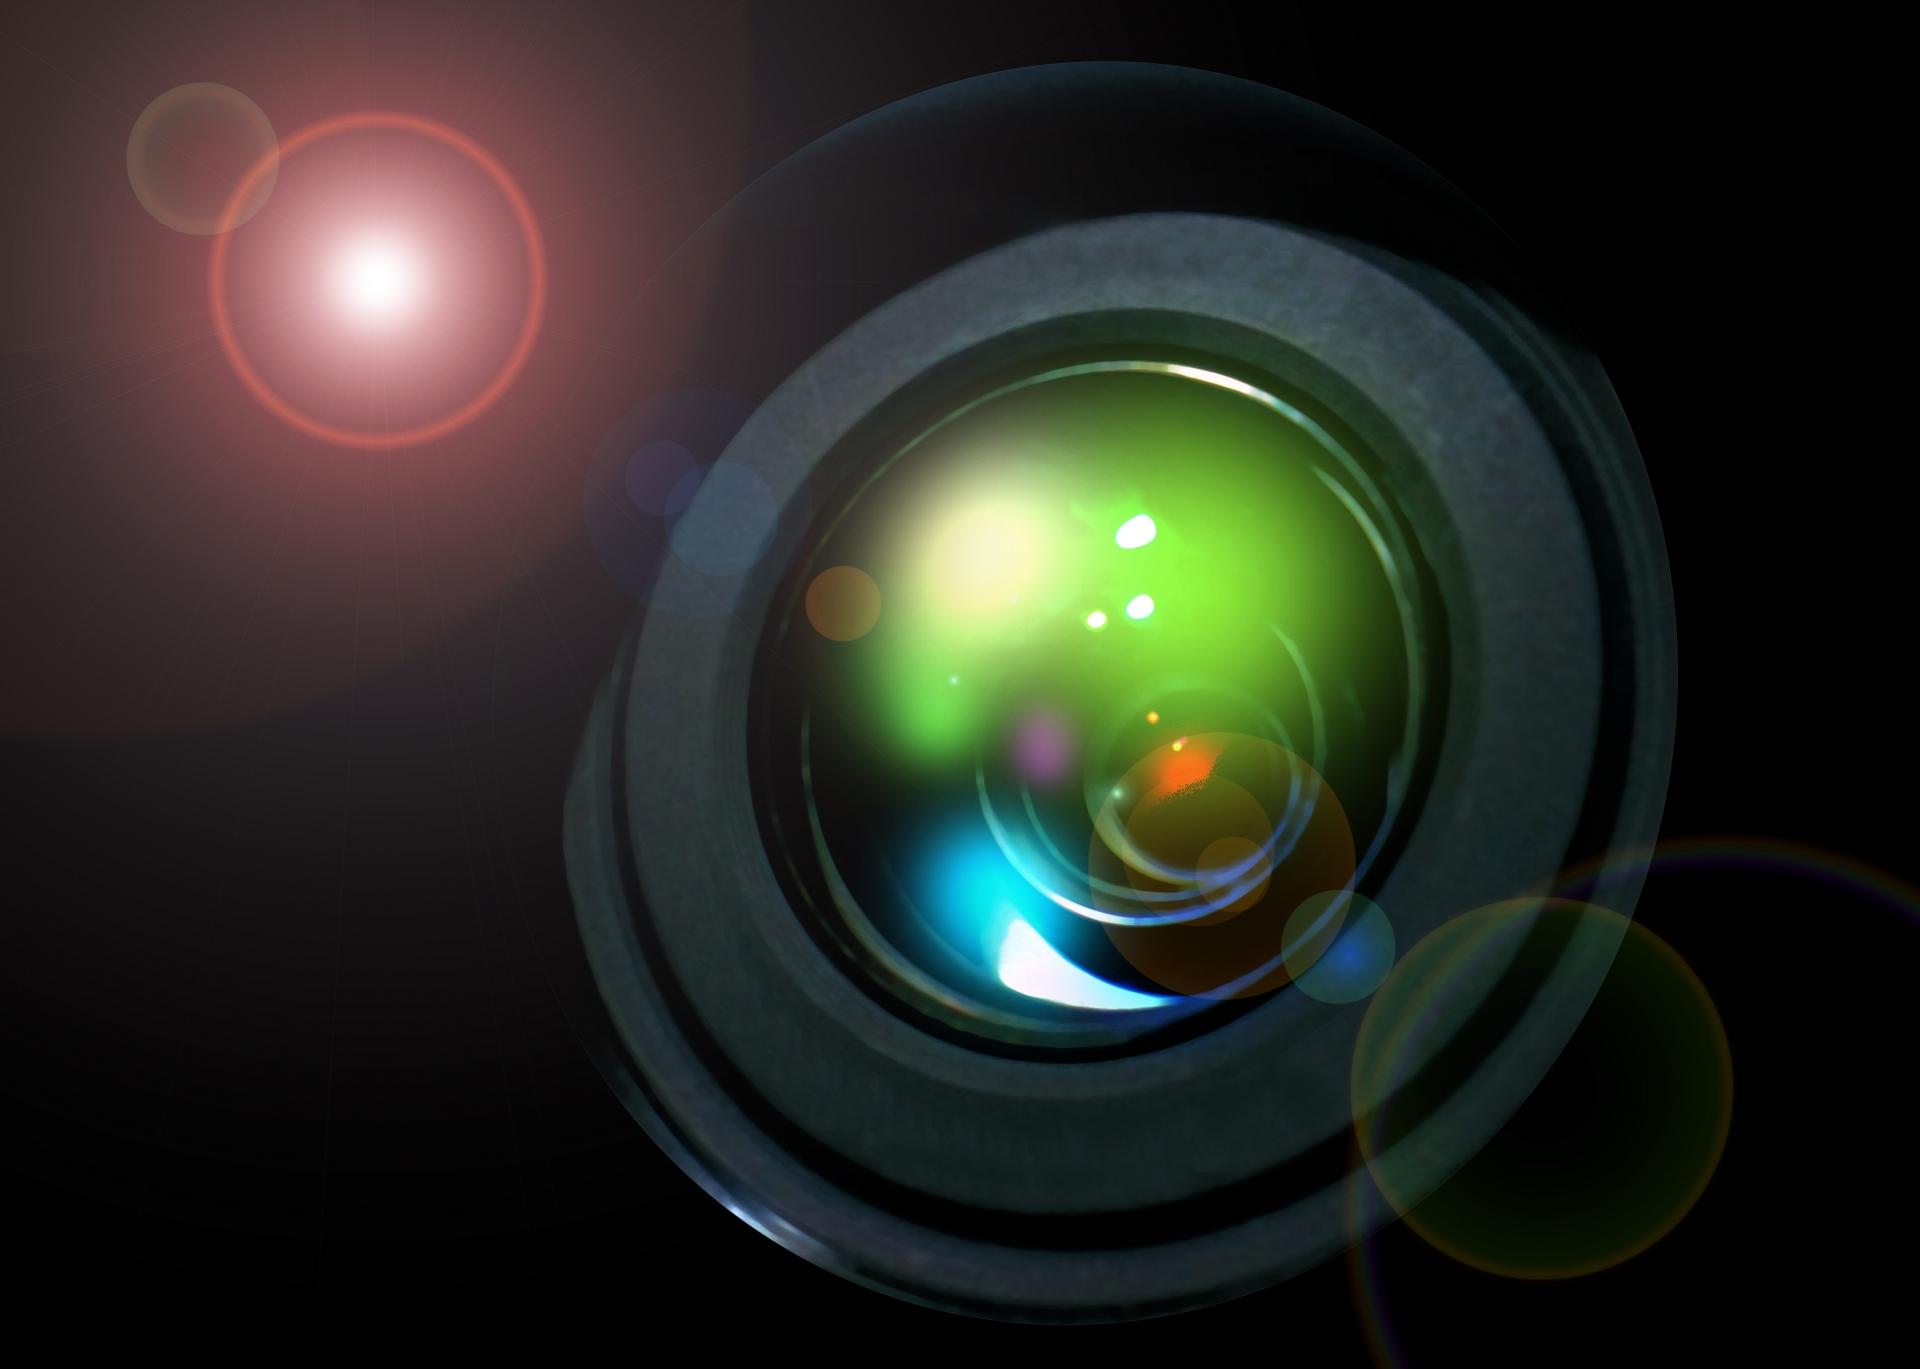 カメラ画像